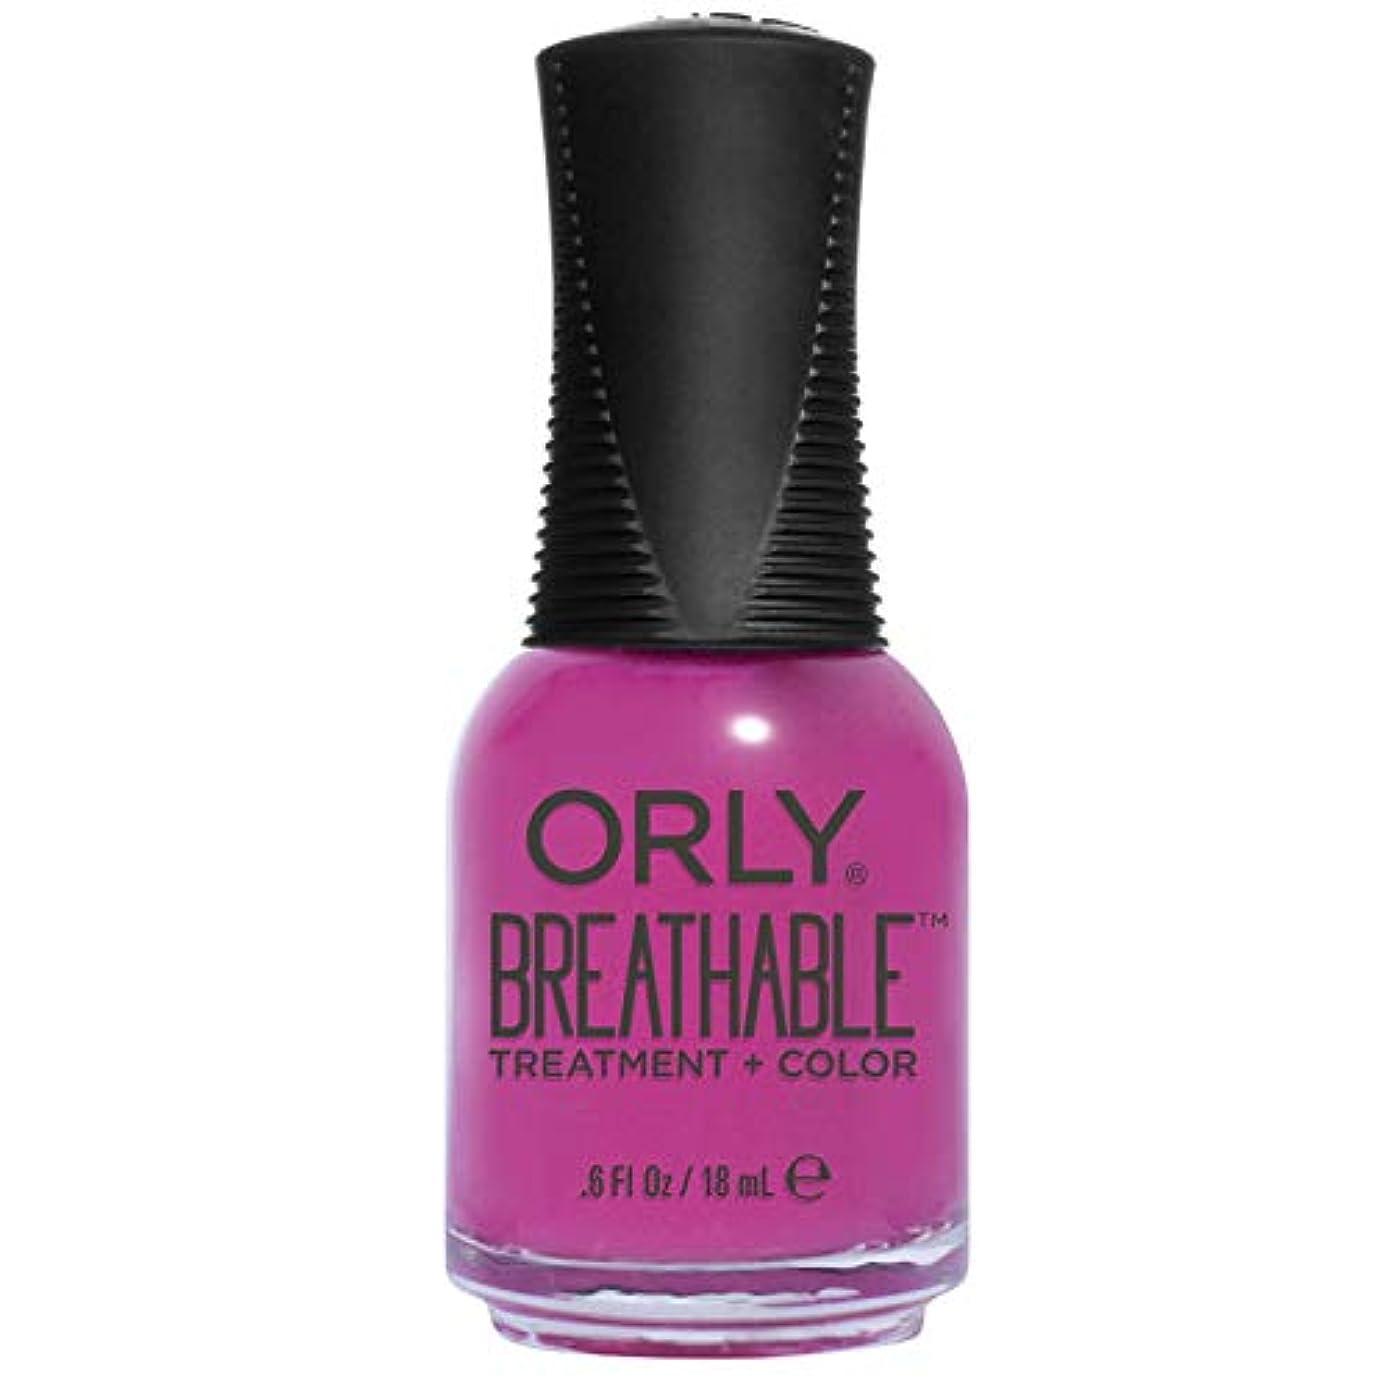 条約偏見空港Orly Breathable Treatment + Color Nail Lacquer - Give Me a Break - 0.6oz/18ml